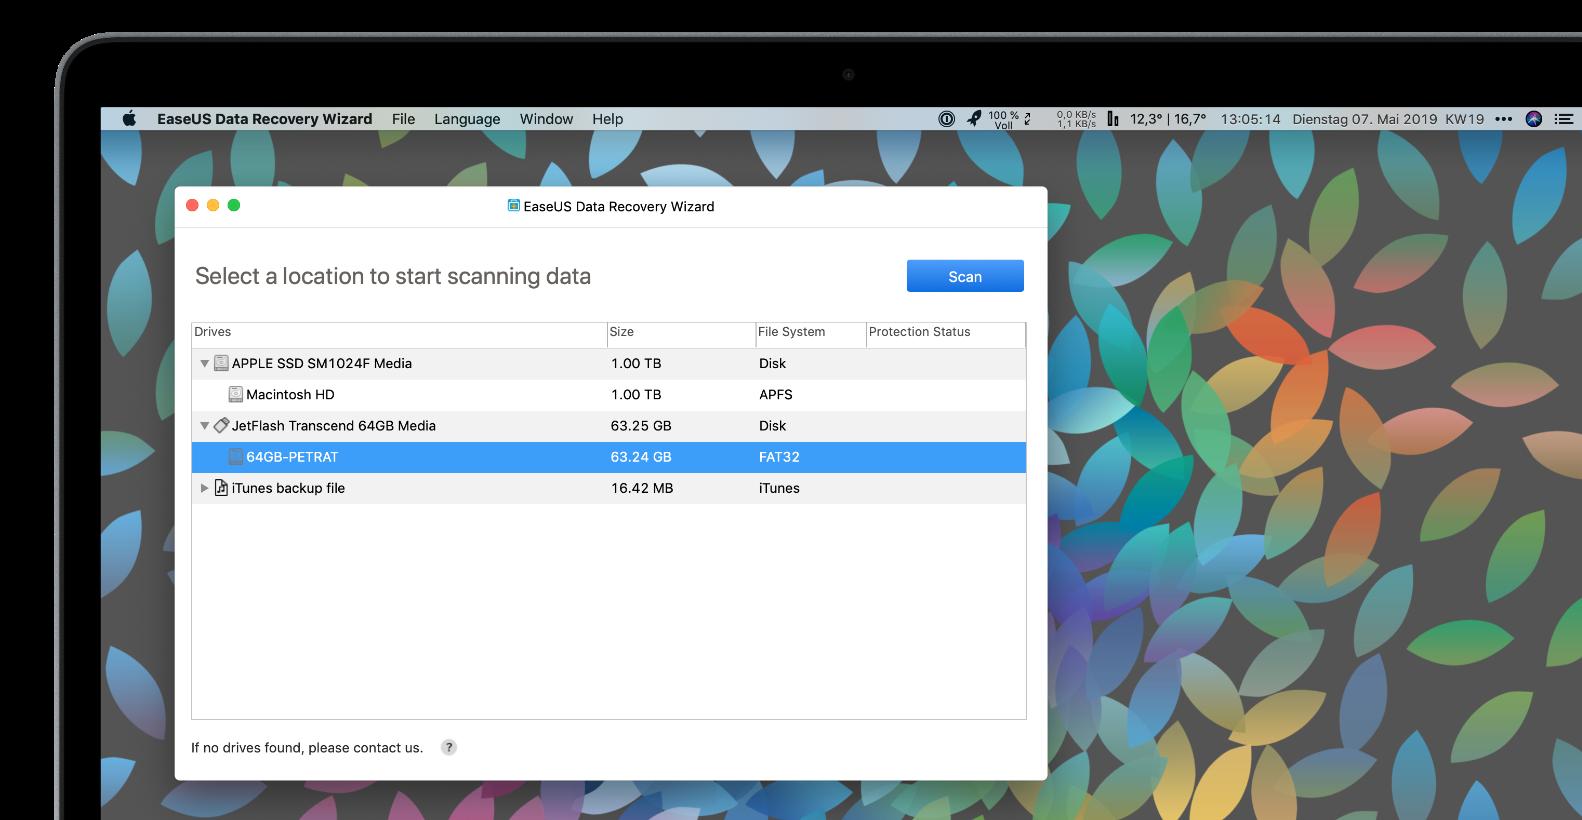 EaseUS_Data_Recovery_Wizard_Mac_Windows_Review_Software5 Gelöschte Daten wiederherstellen - Data Recovery Wizard für Mac und Windows von EaseUS